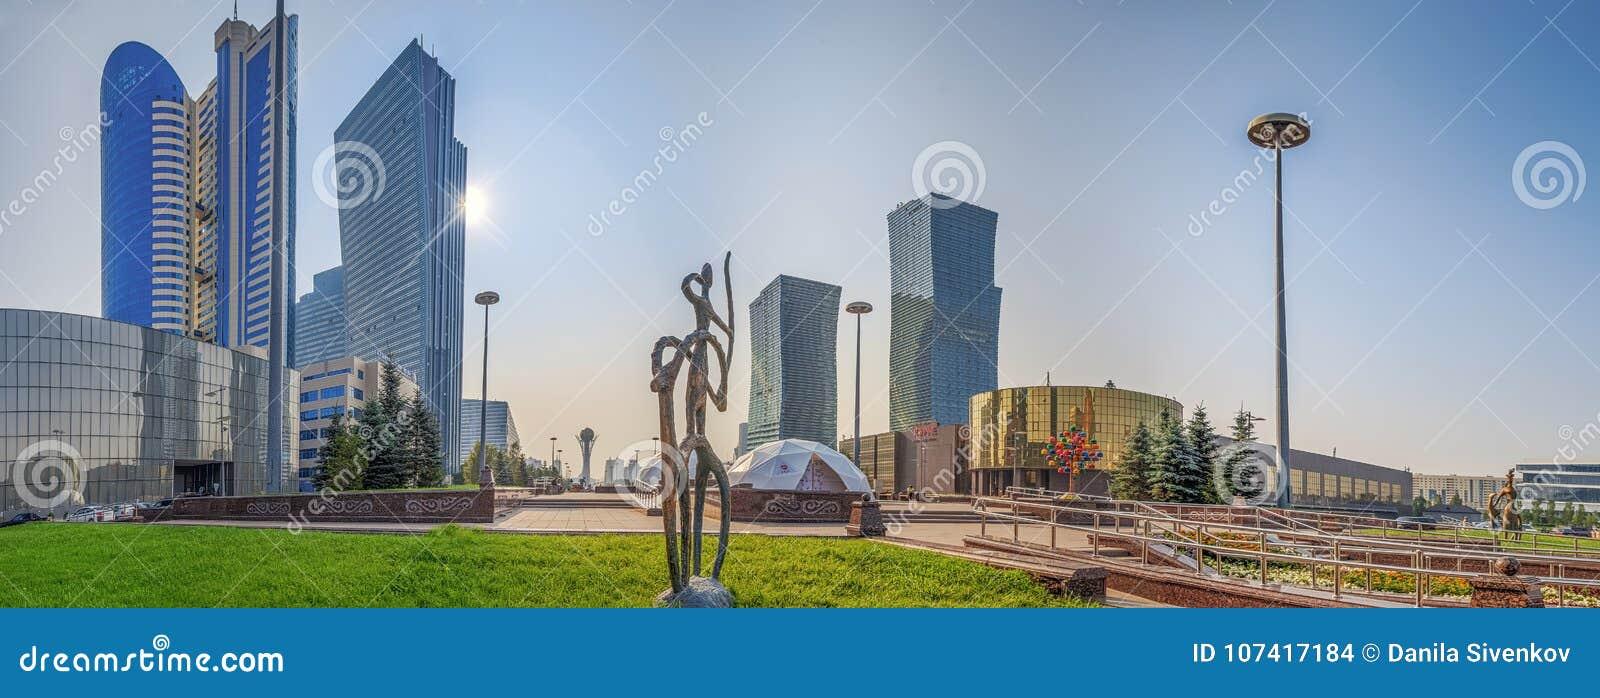 ASTANÁ, KAZAJISTÁN - 7 DE JULIO DE 2016: Panorama de la mañana del bulevar agua-verde